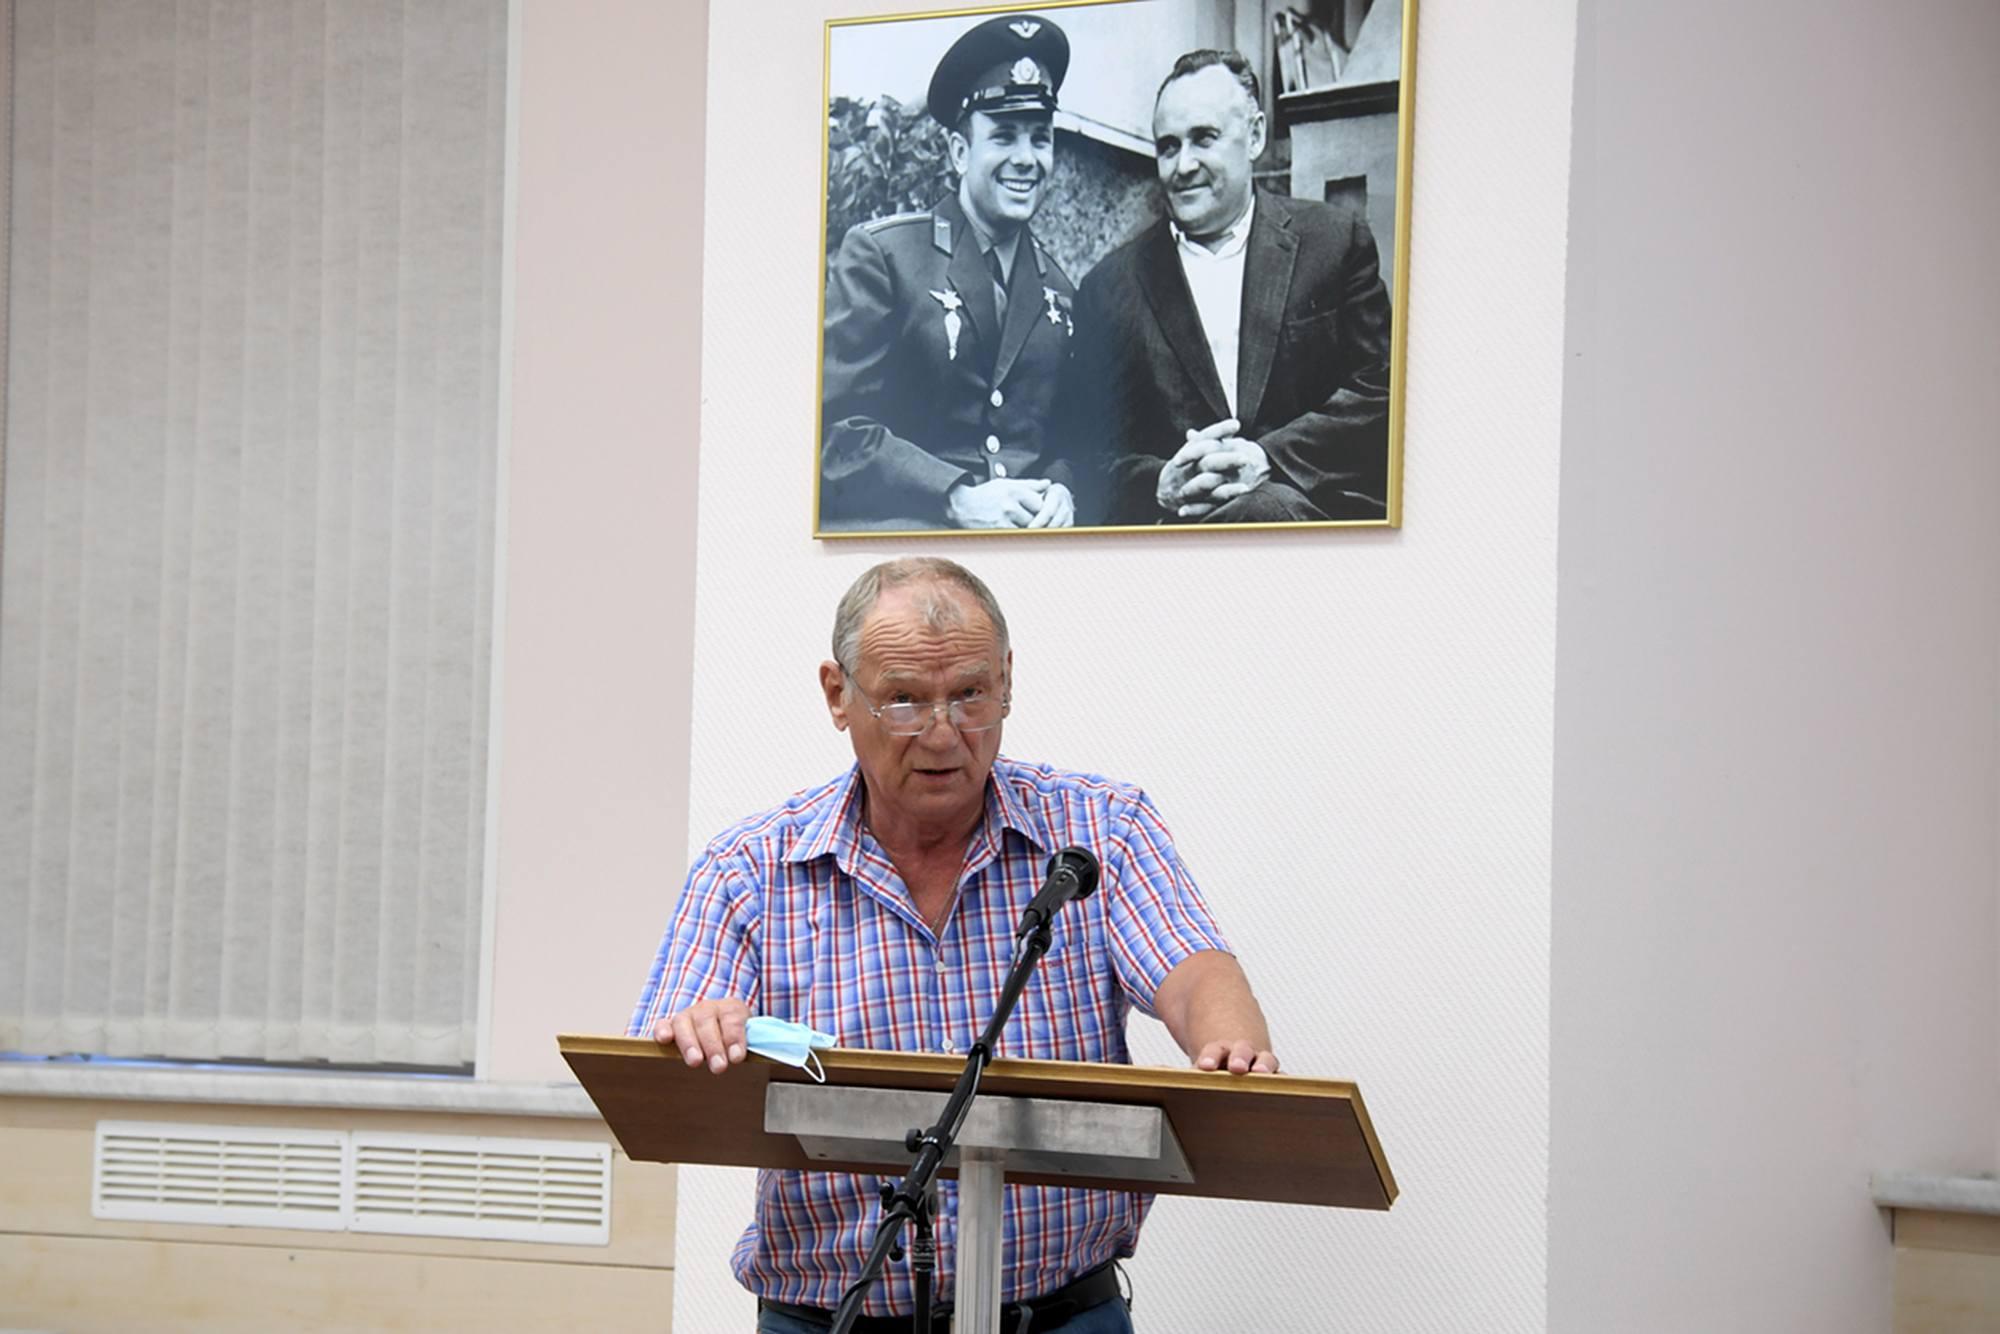 Les différents responsables font leur rapport: ici Leonide Baranov, Responsable de la filiale de Ba!ïkonour d'Energuya.